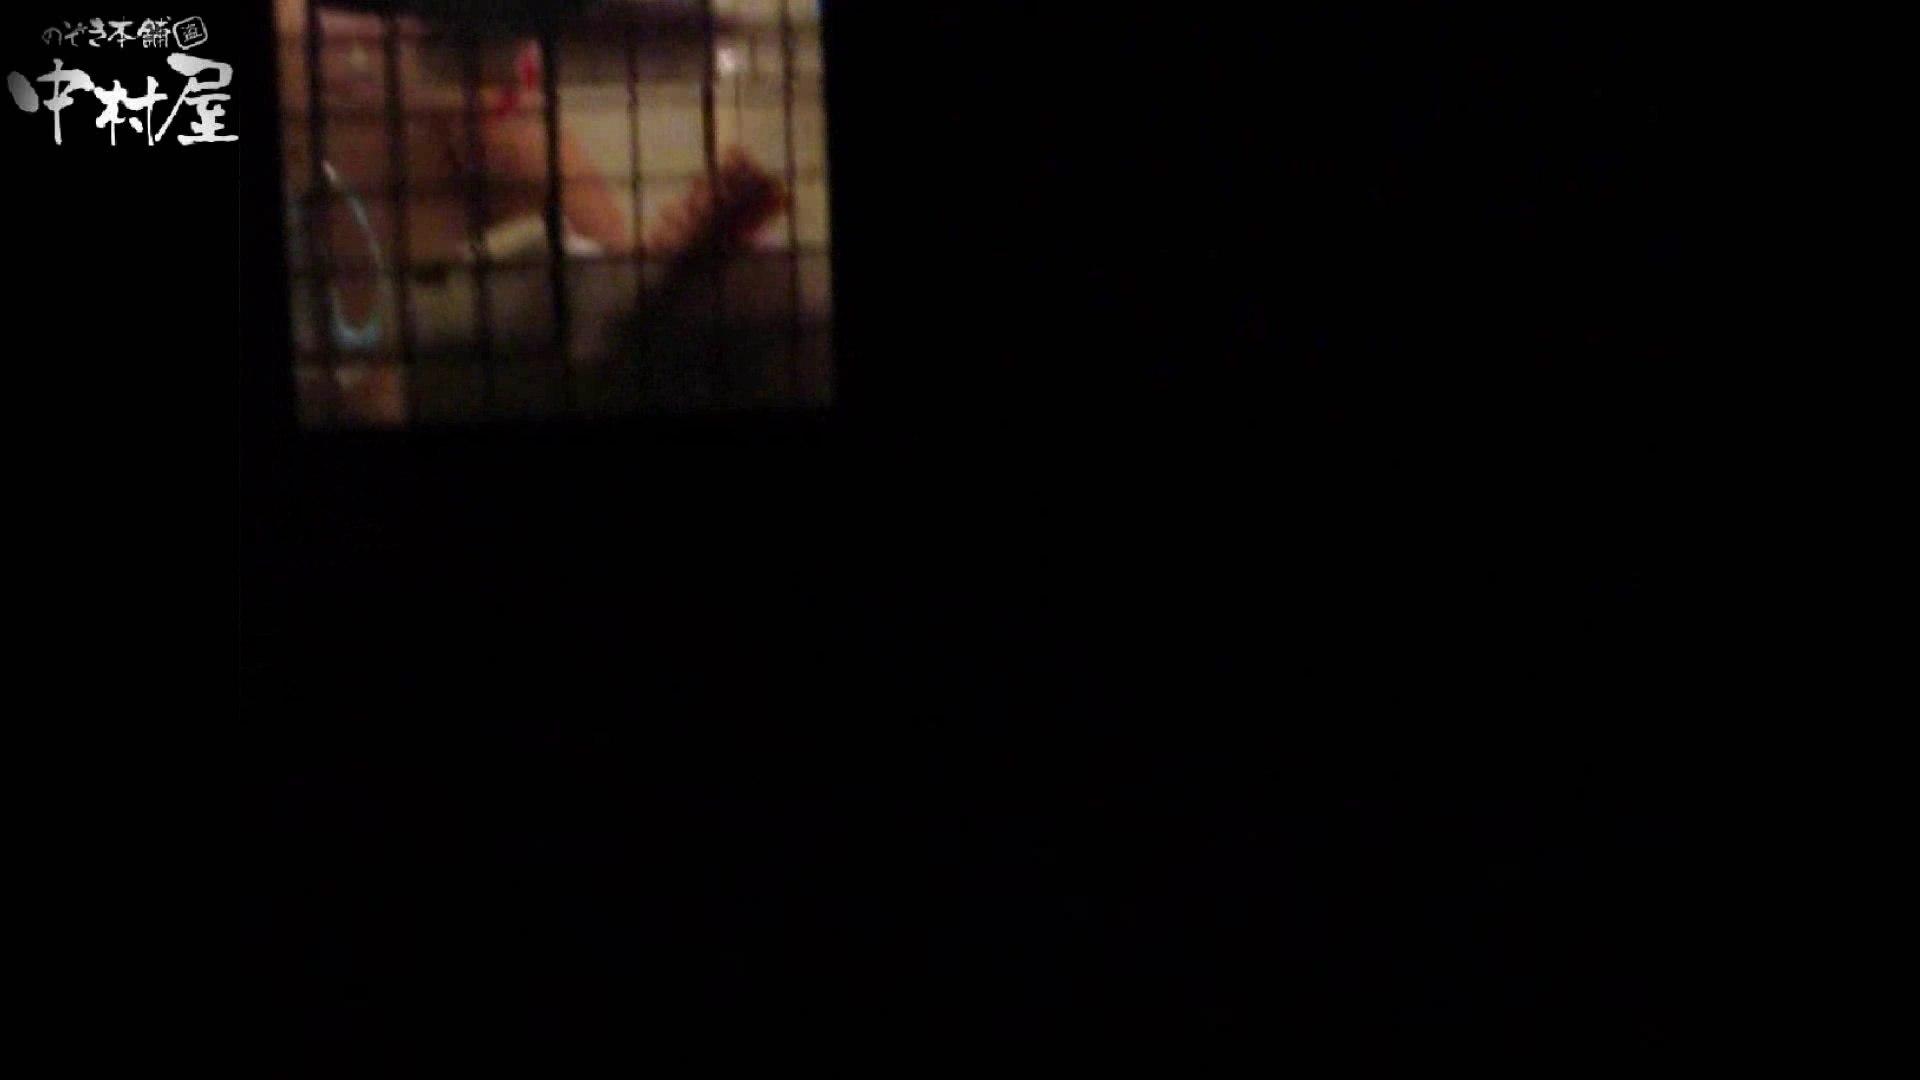 民家風呂専門盗撮師の超危険映像 vol.023 民家 オメコ無修正動画無料 95連発 16